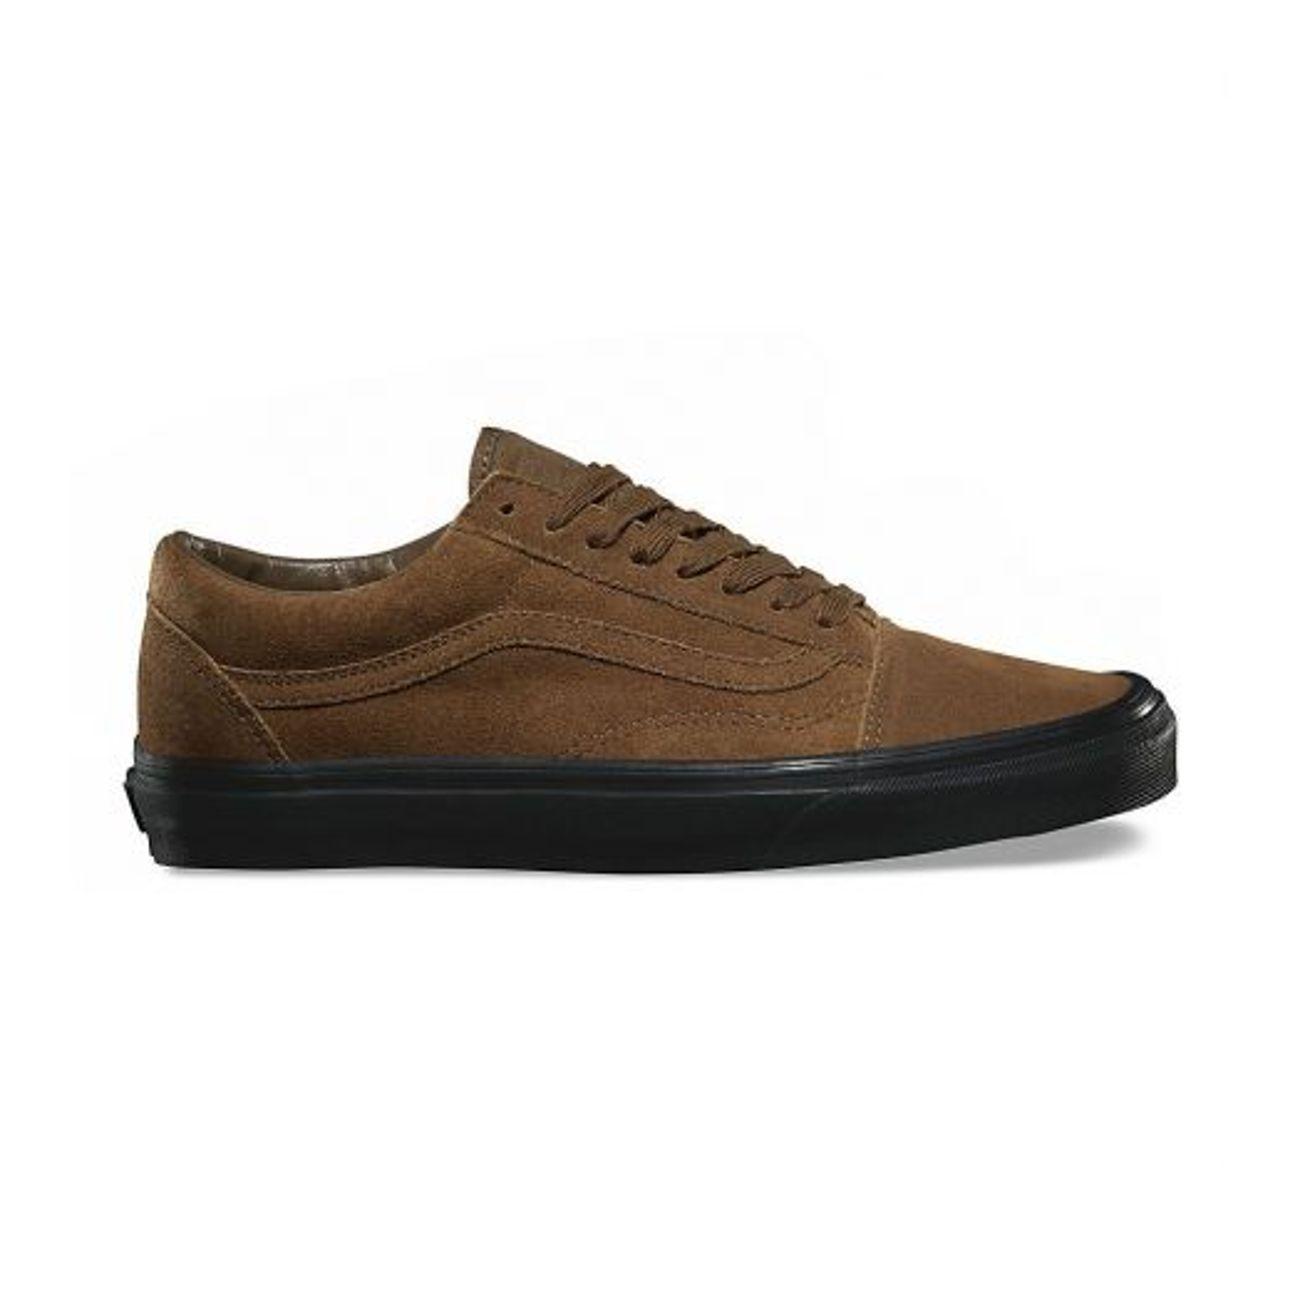 917dc1b7ef6b0f ... Mode- Lifestyle adulte VANS Chaussures Vans Old Skool Suede Teak Black  Brun Noir ...